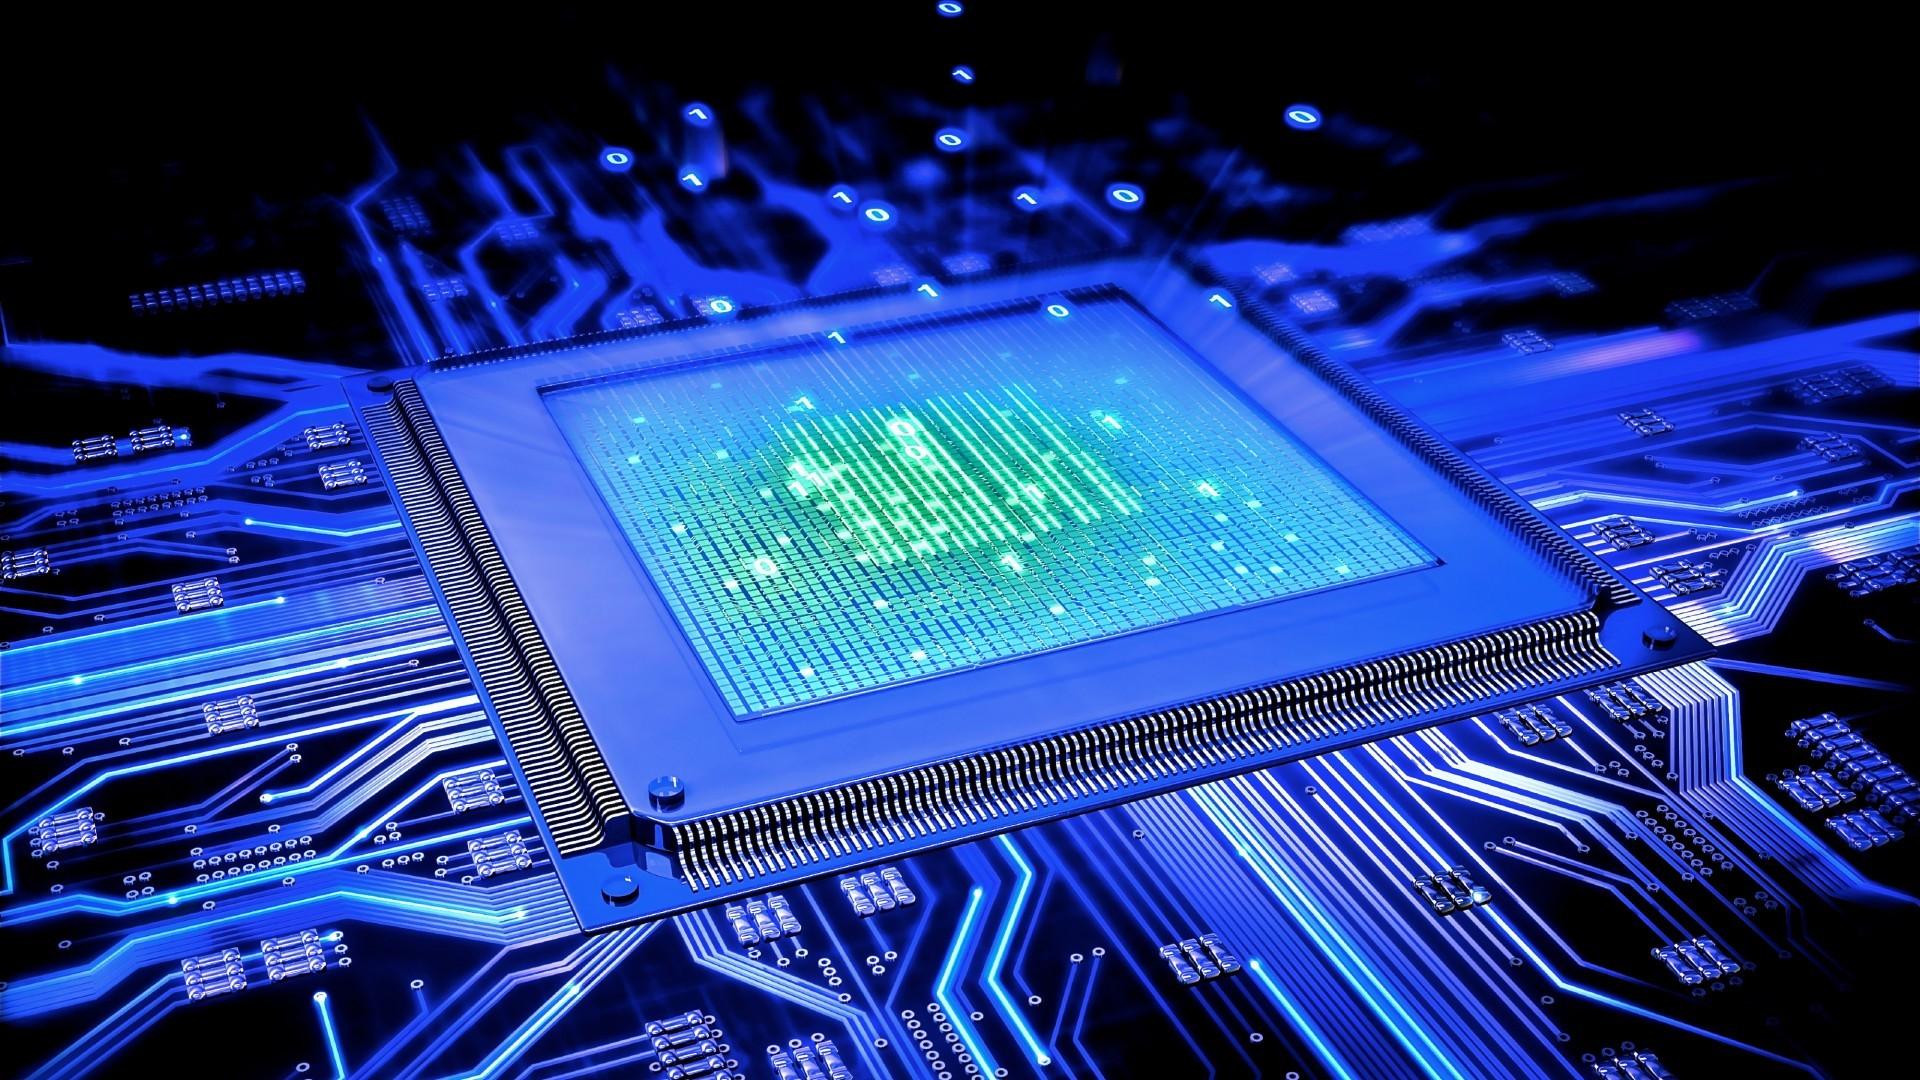 Dünyada bir ilk olan prosessor növü